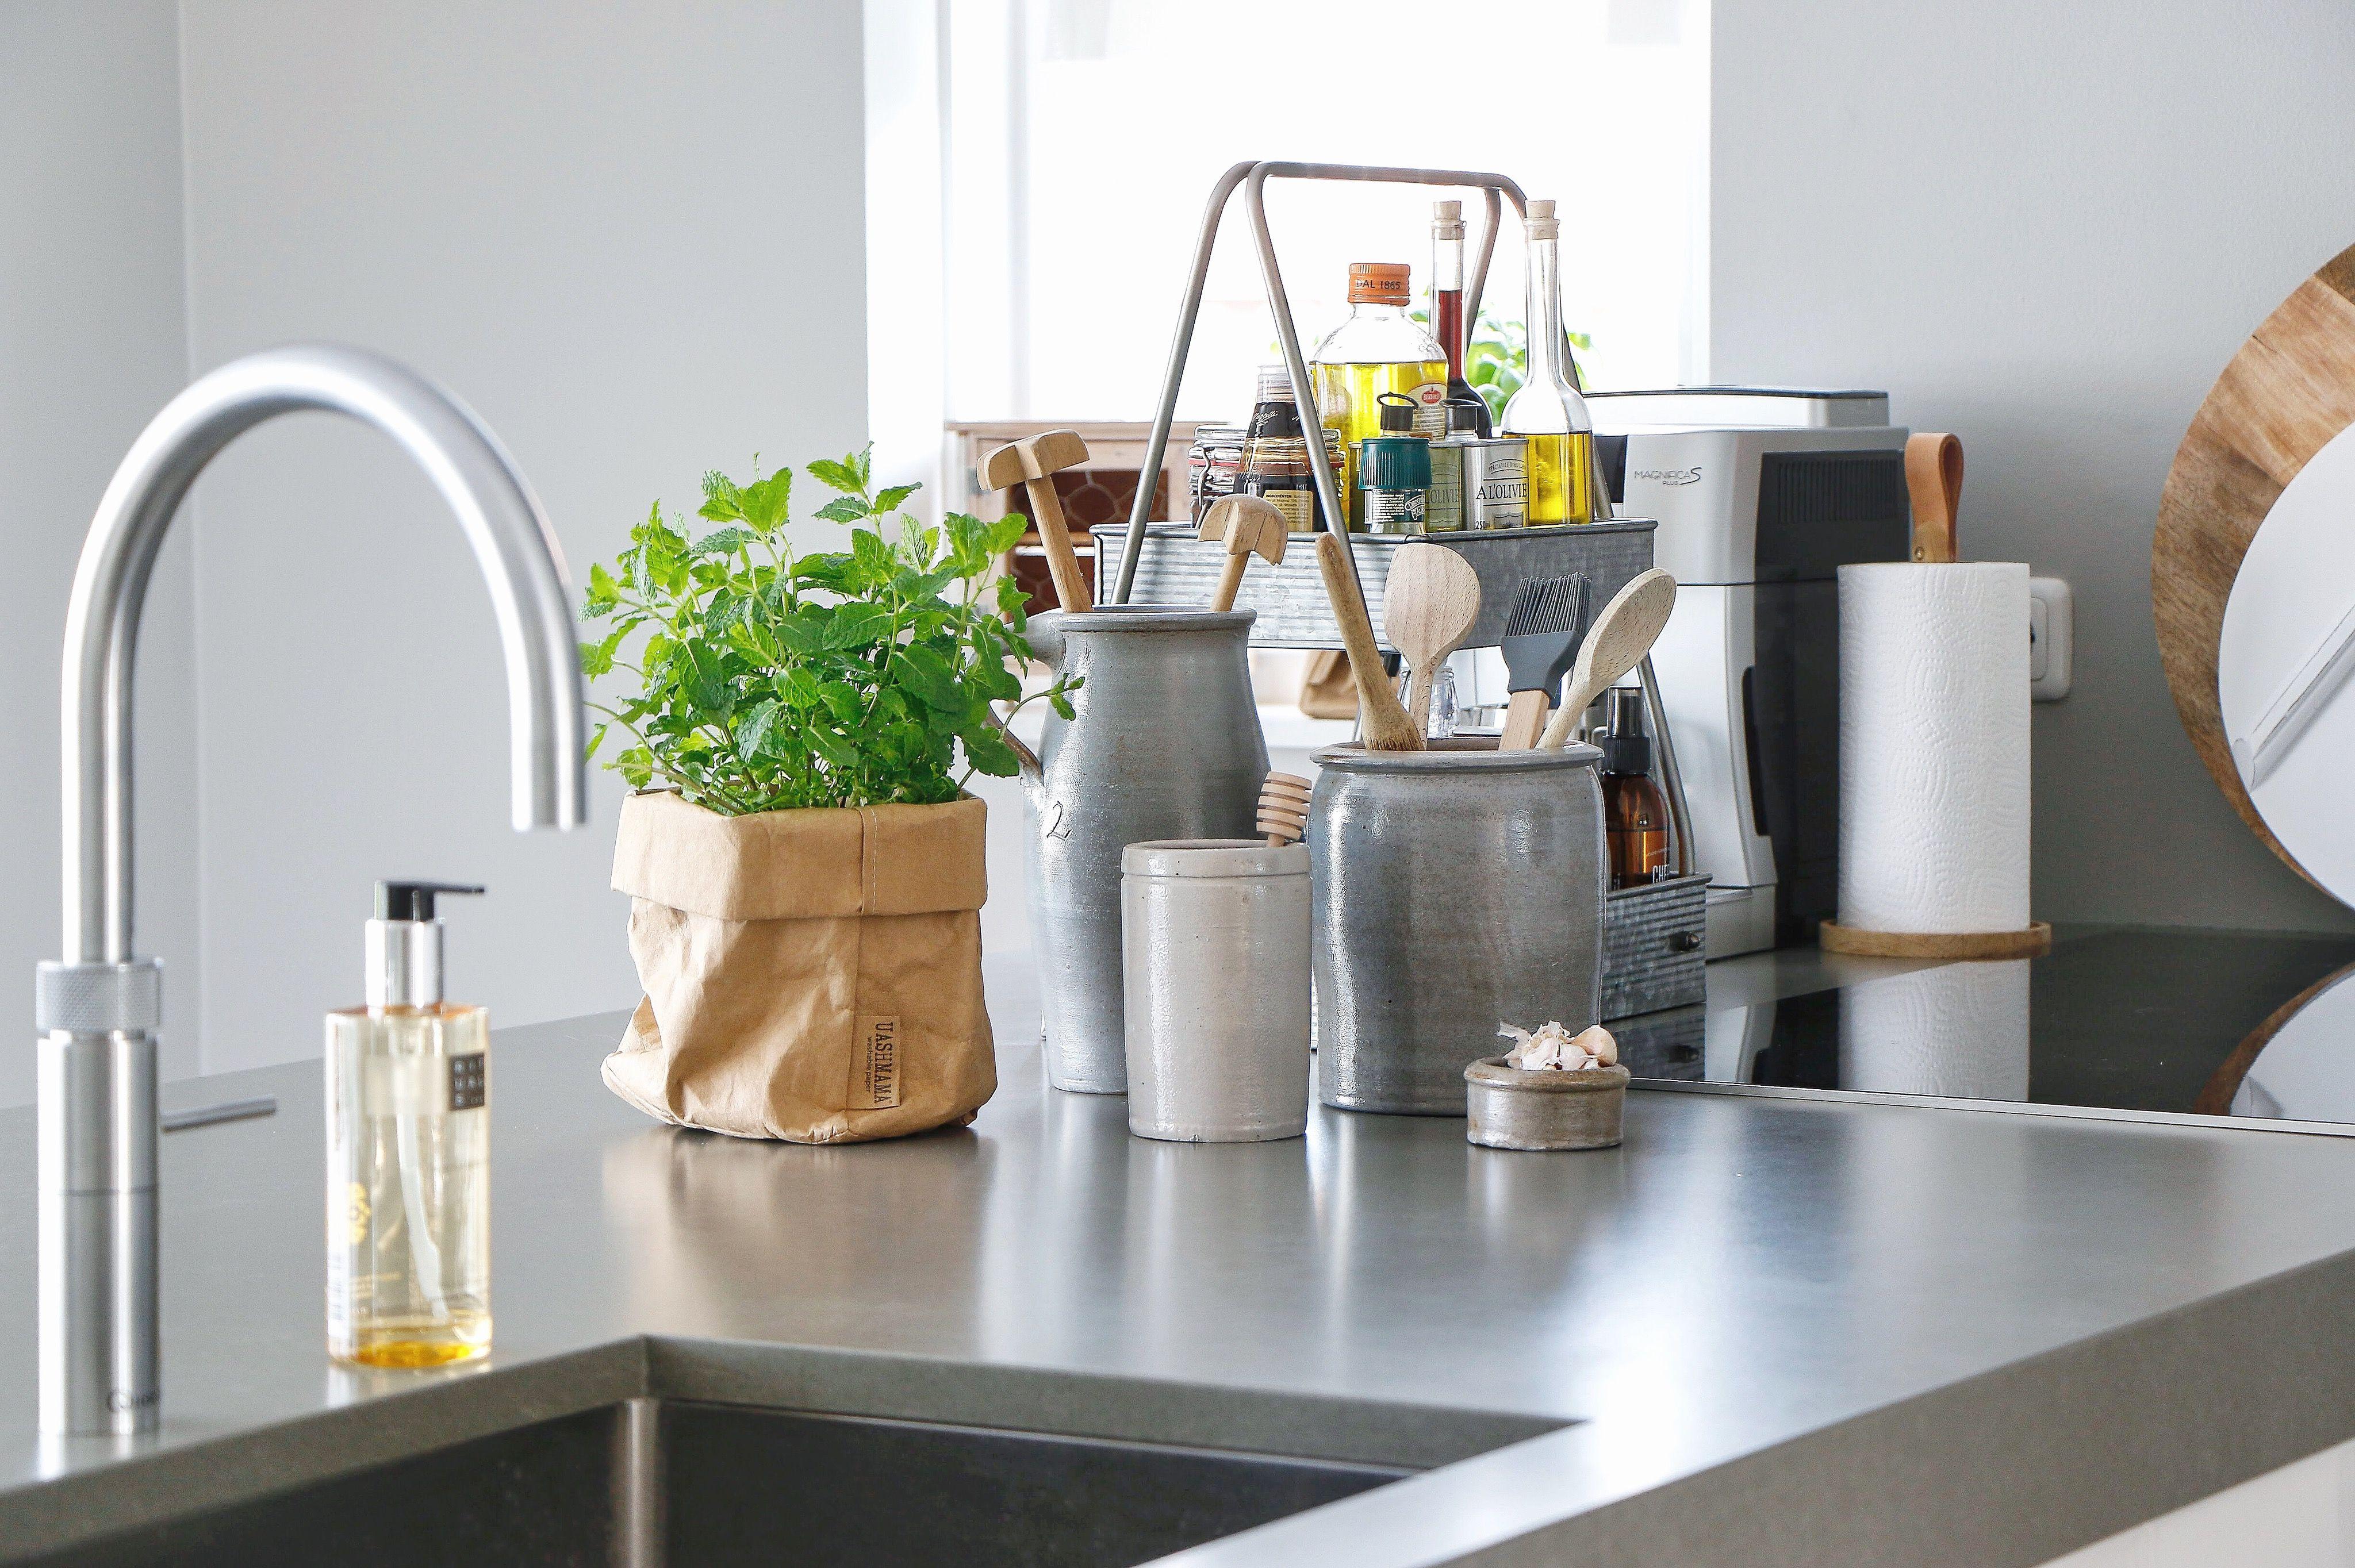 Inspiratie Keuken Decoratie : Keukendecoratie meer inspiratie kijk op instagram